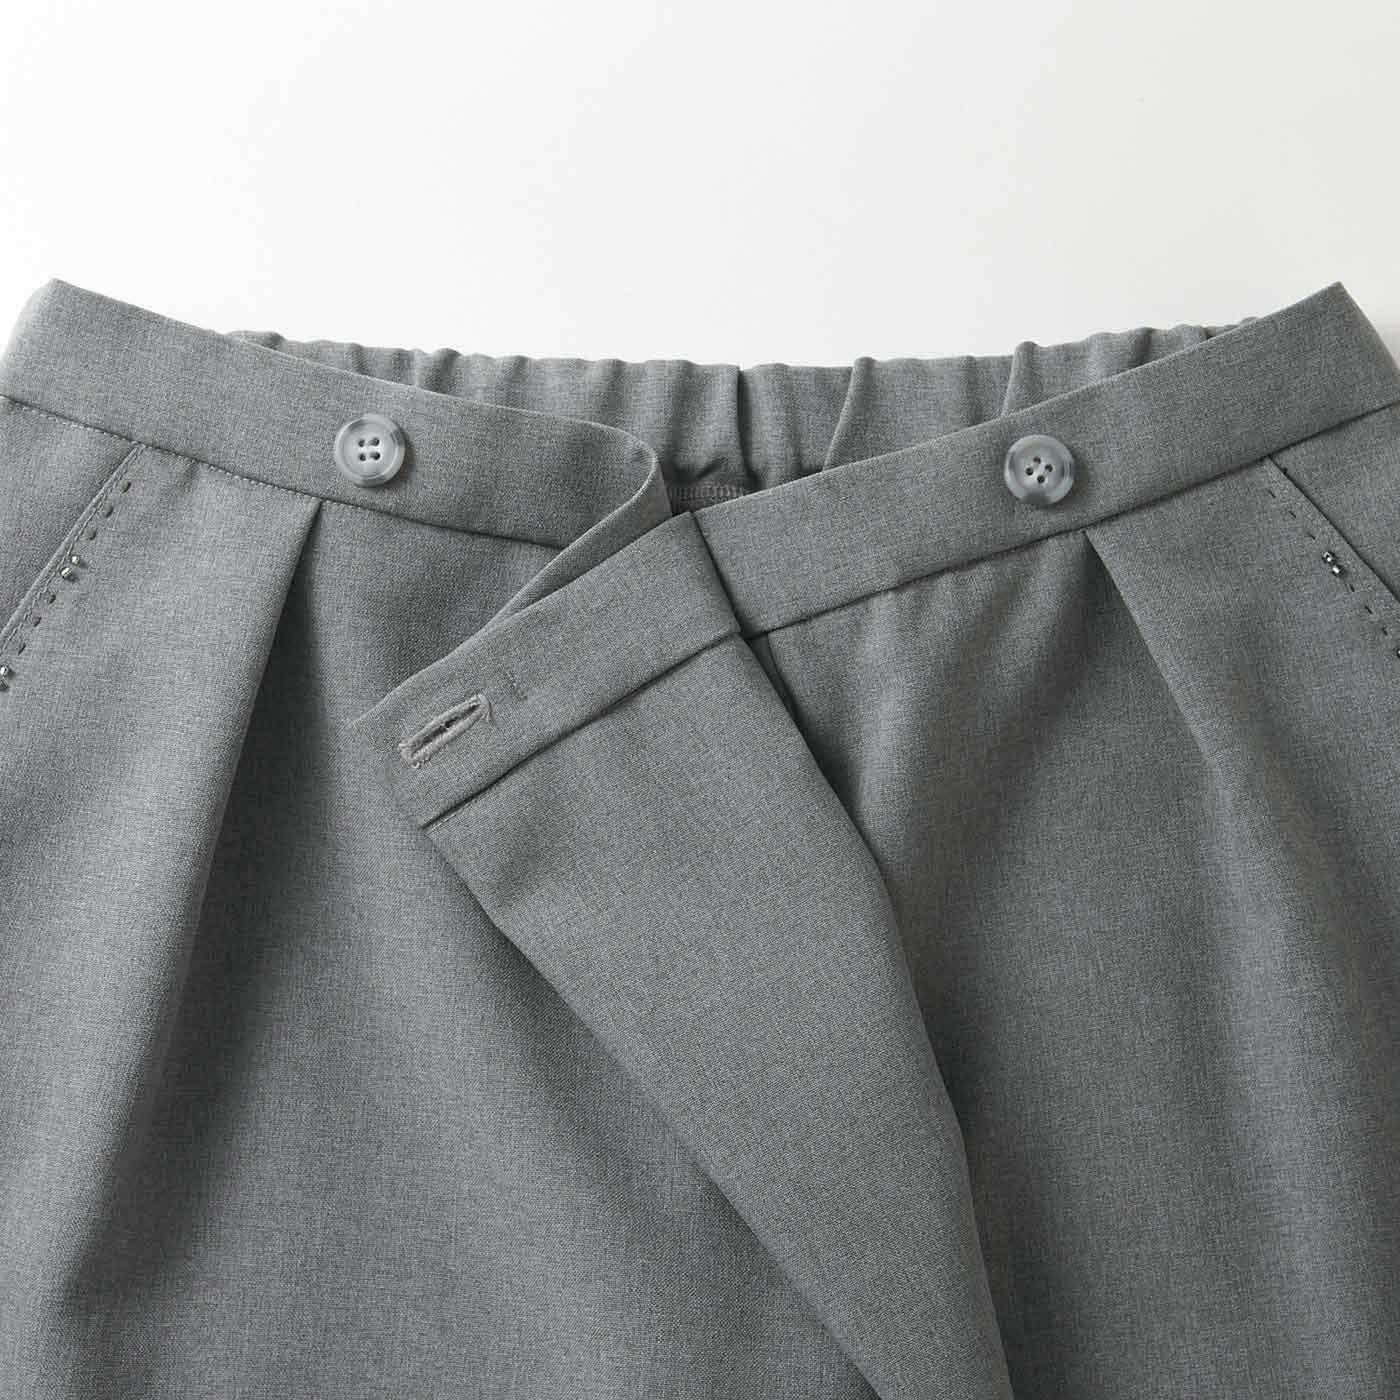 ウエスト部分はラップタイプで、一見するとスカートのよう。おなかまわりもすっきり見せます。